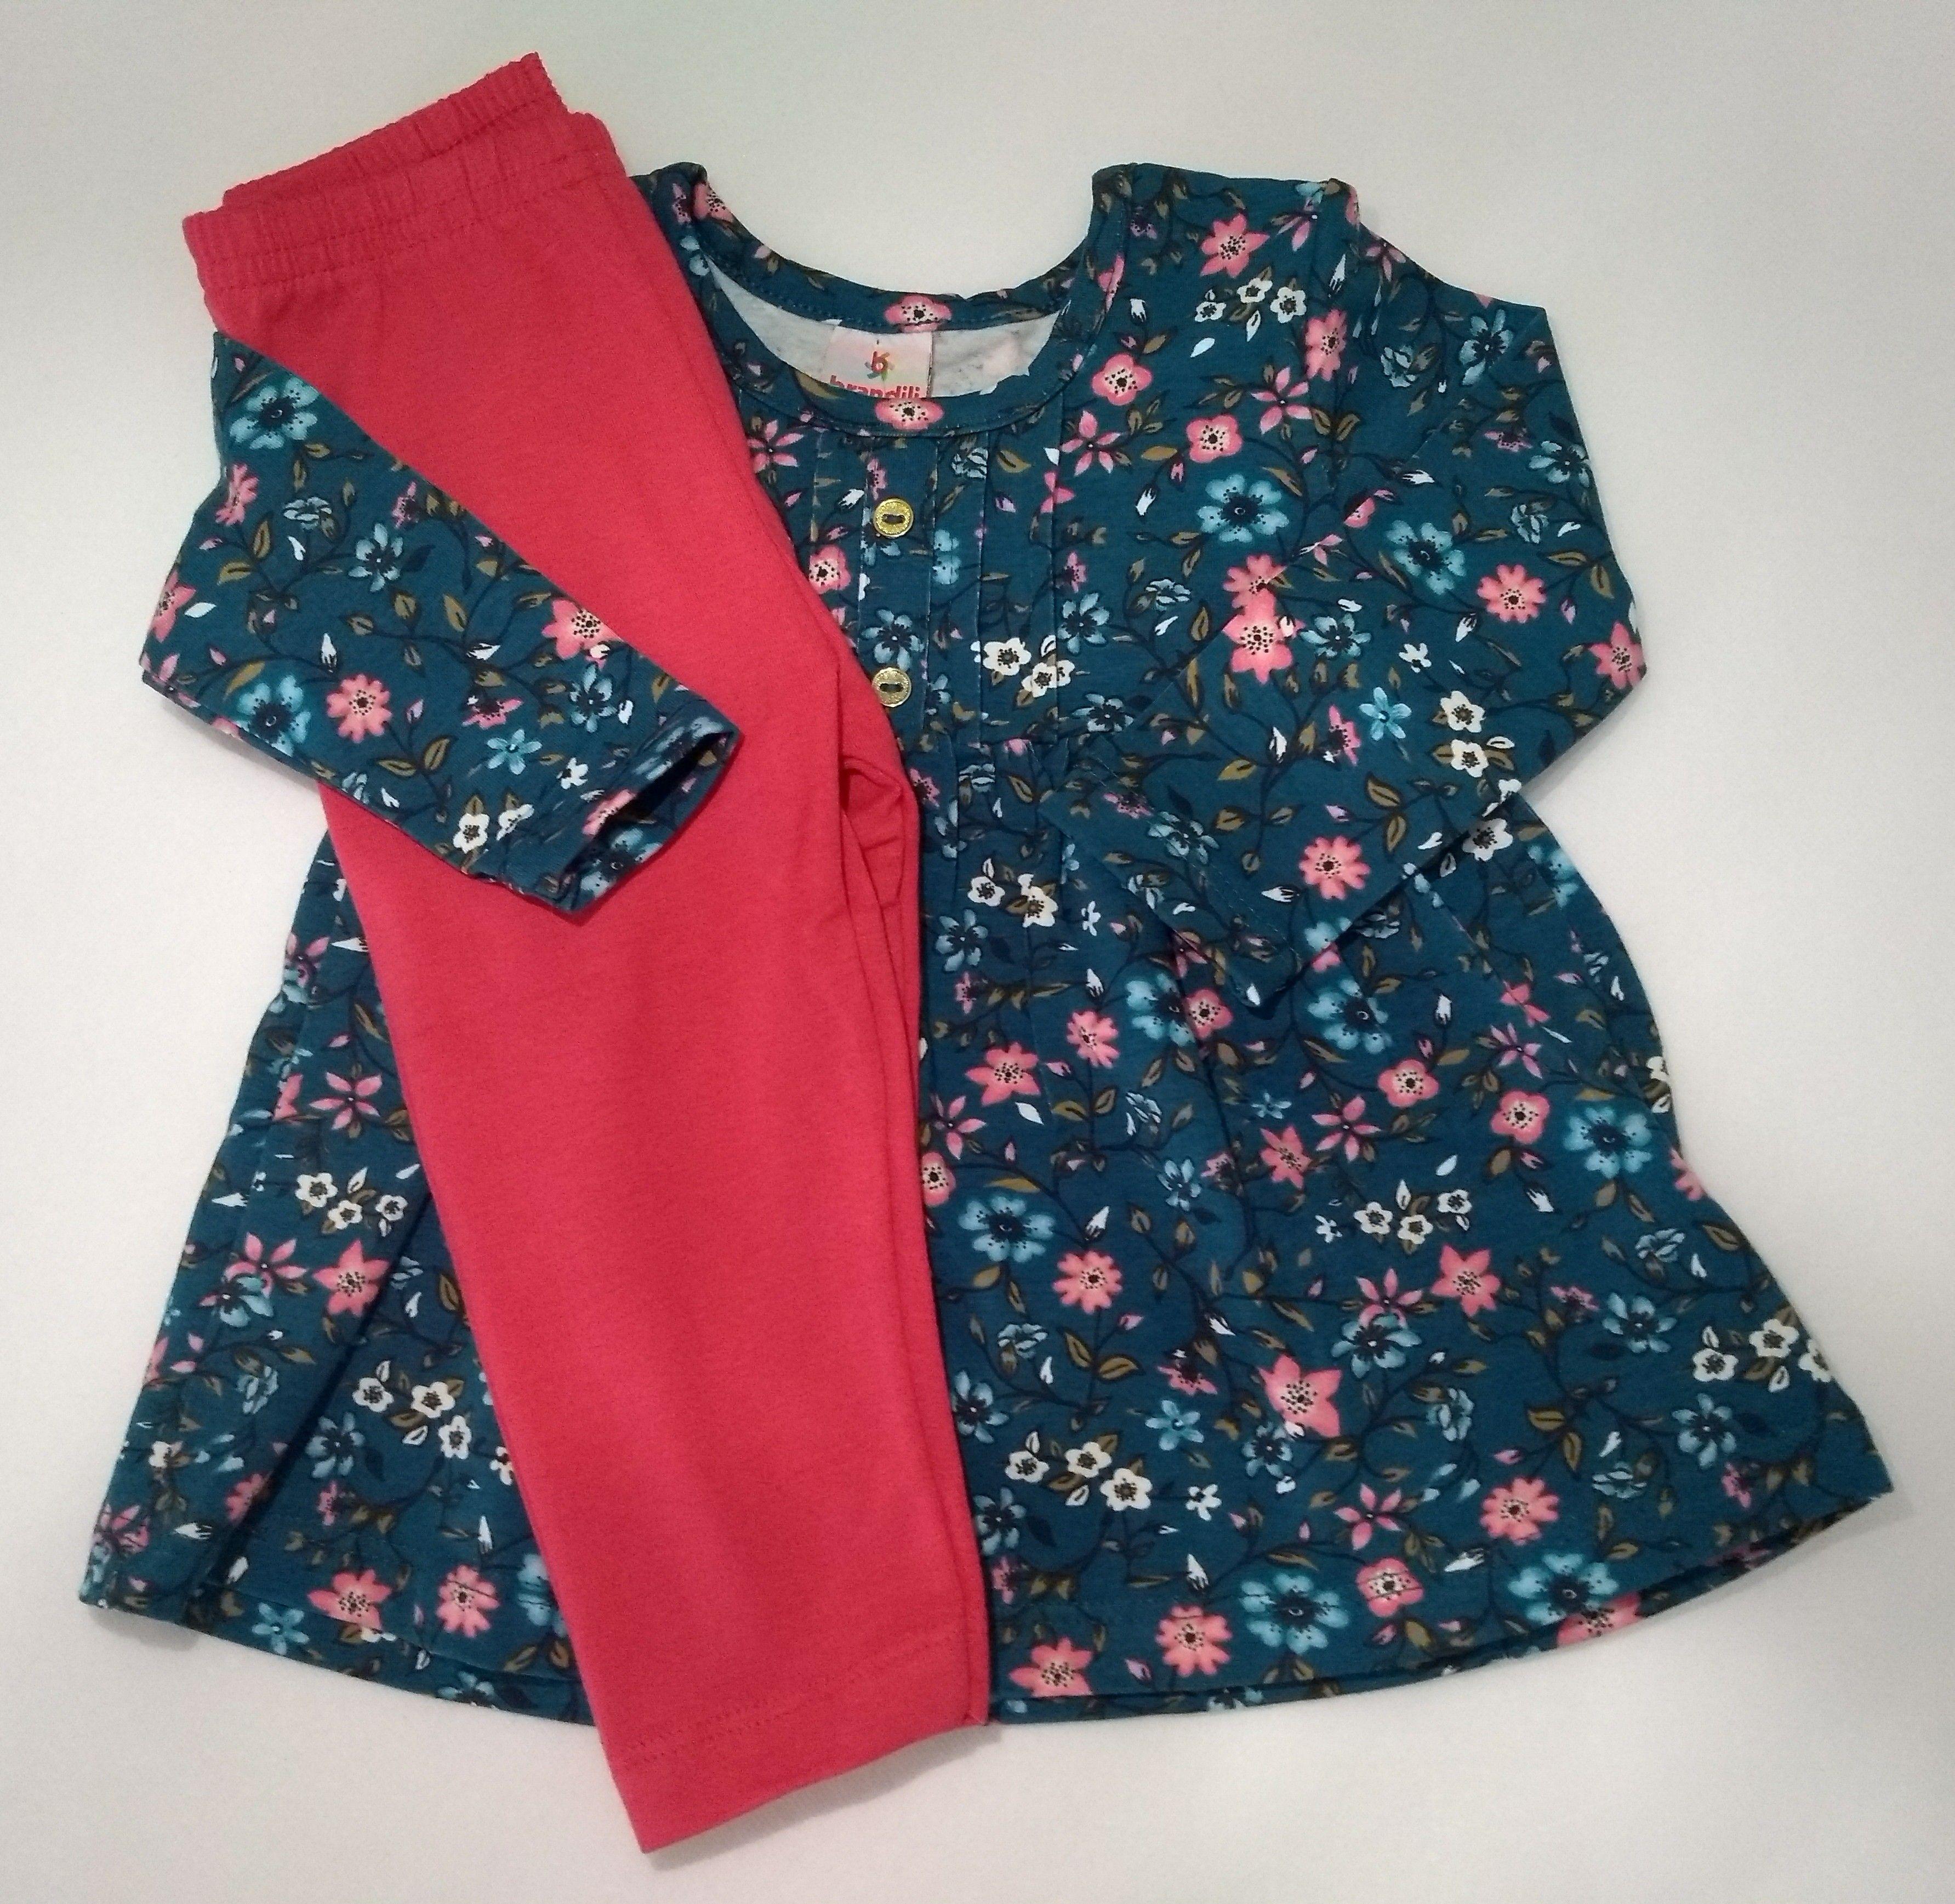 cf1d671f4d Conjunto de frio infantil Bebê menina Composto por Blusa Manga longa e  Calça legging Blusa -